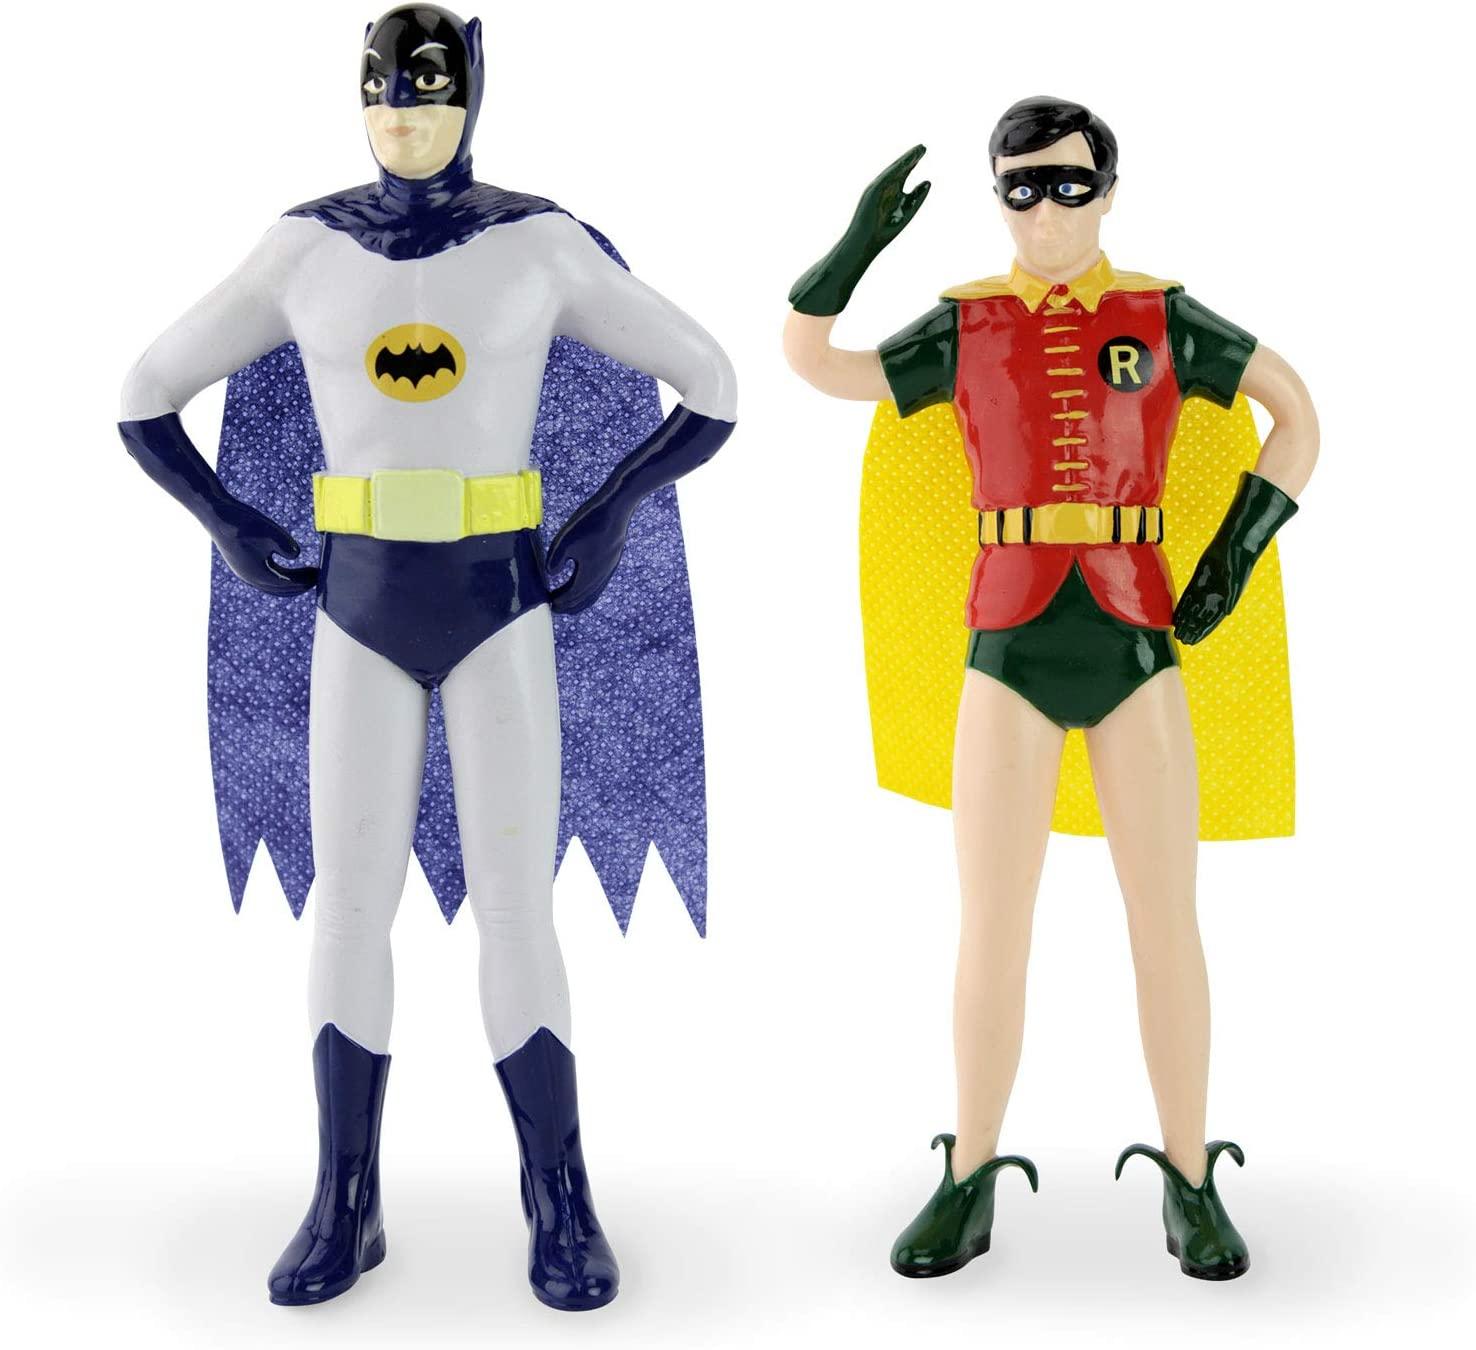 NJ Croce DC Comics Batman and Robin Dobrável Oficial Licenciado